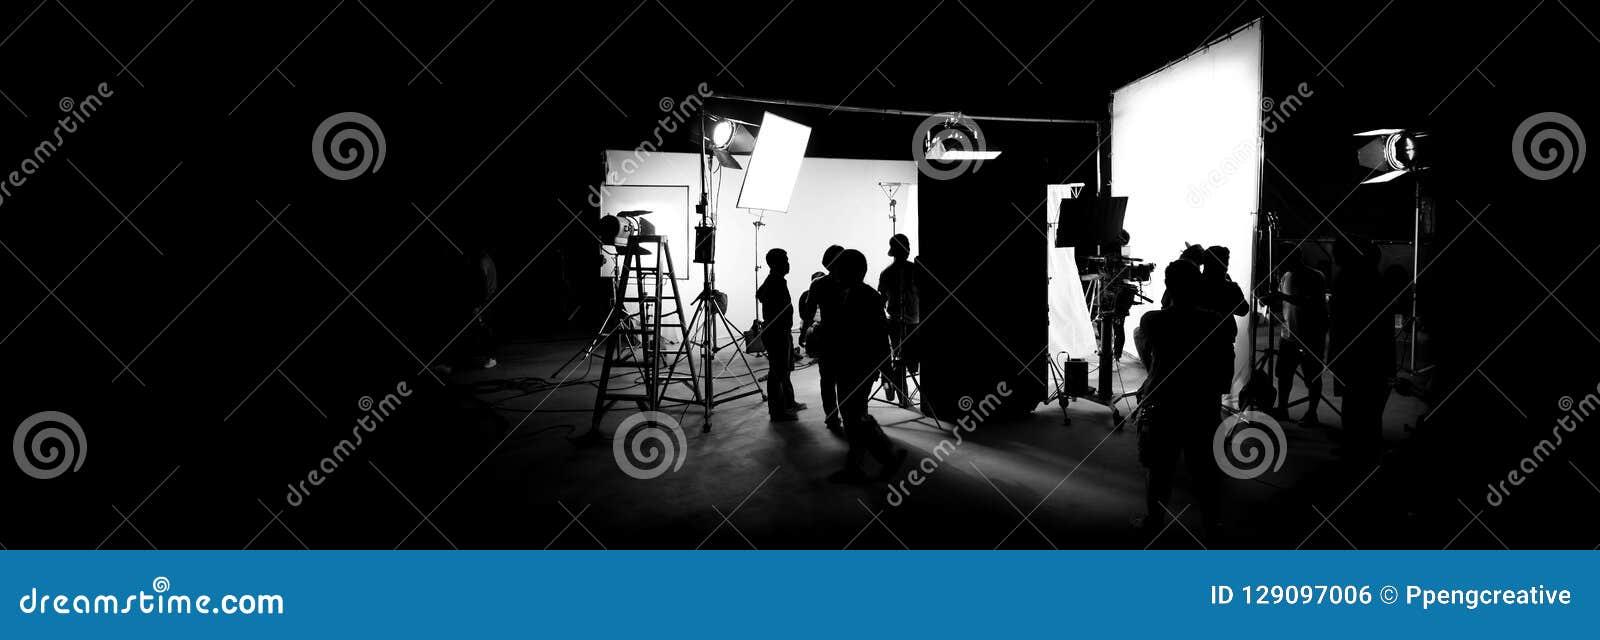 Profili le immagini di video produzione dietro le scene